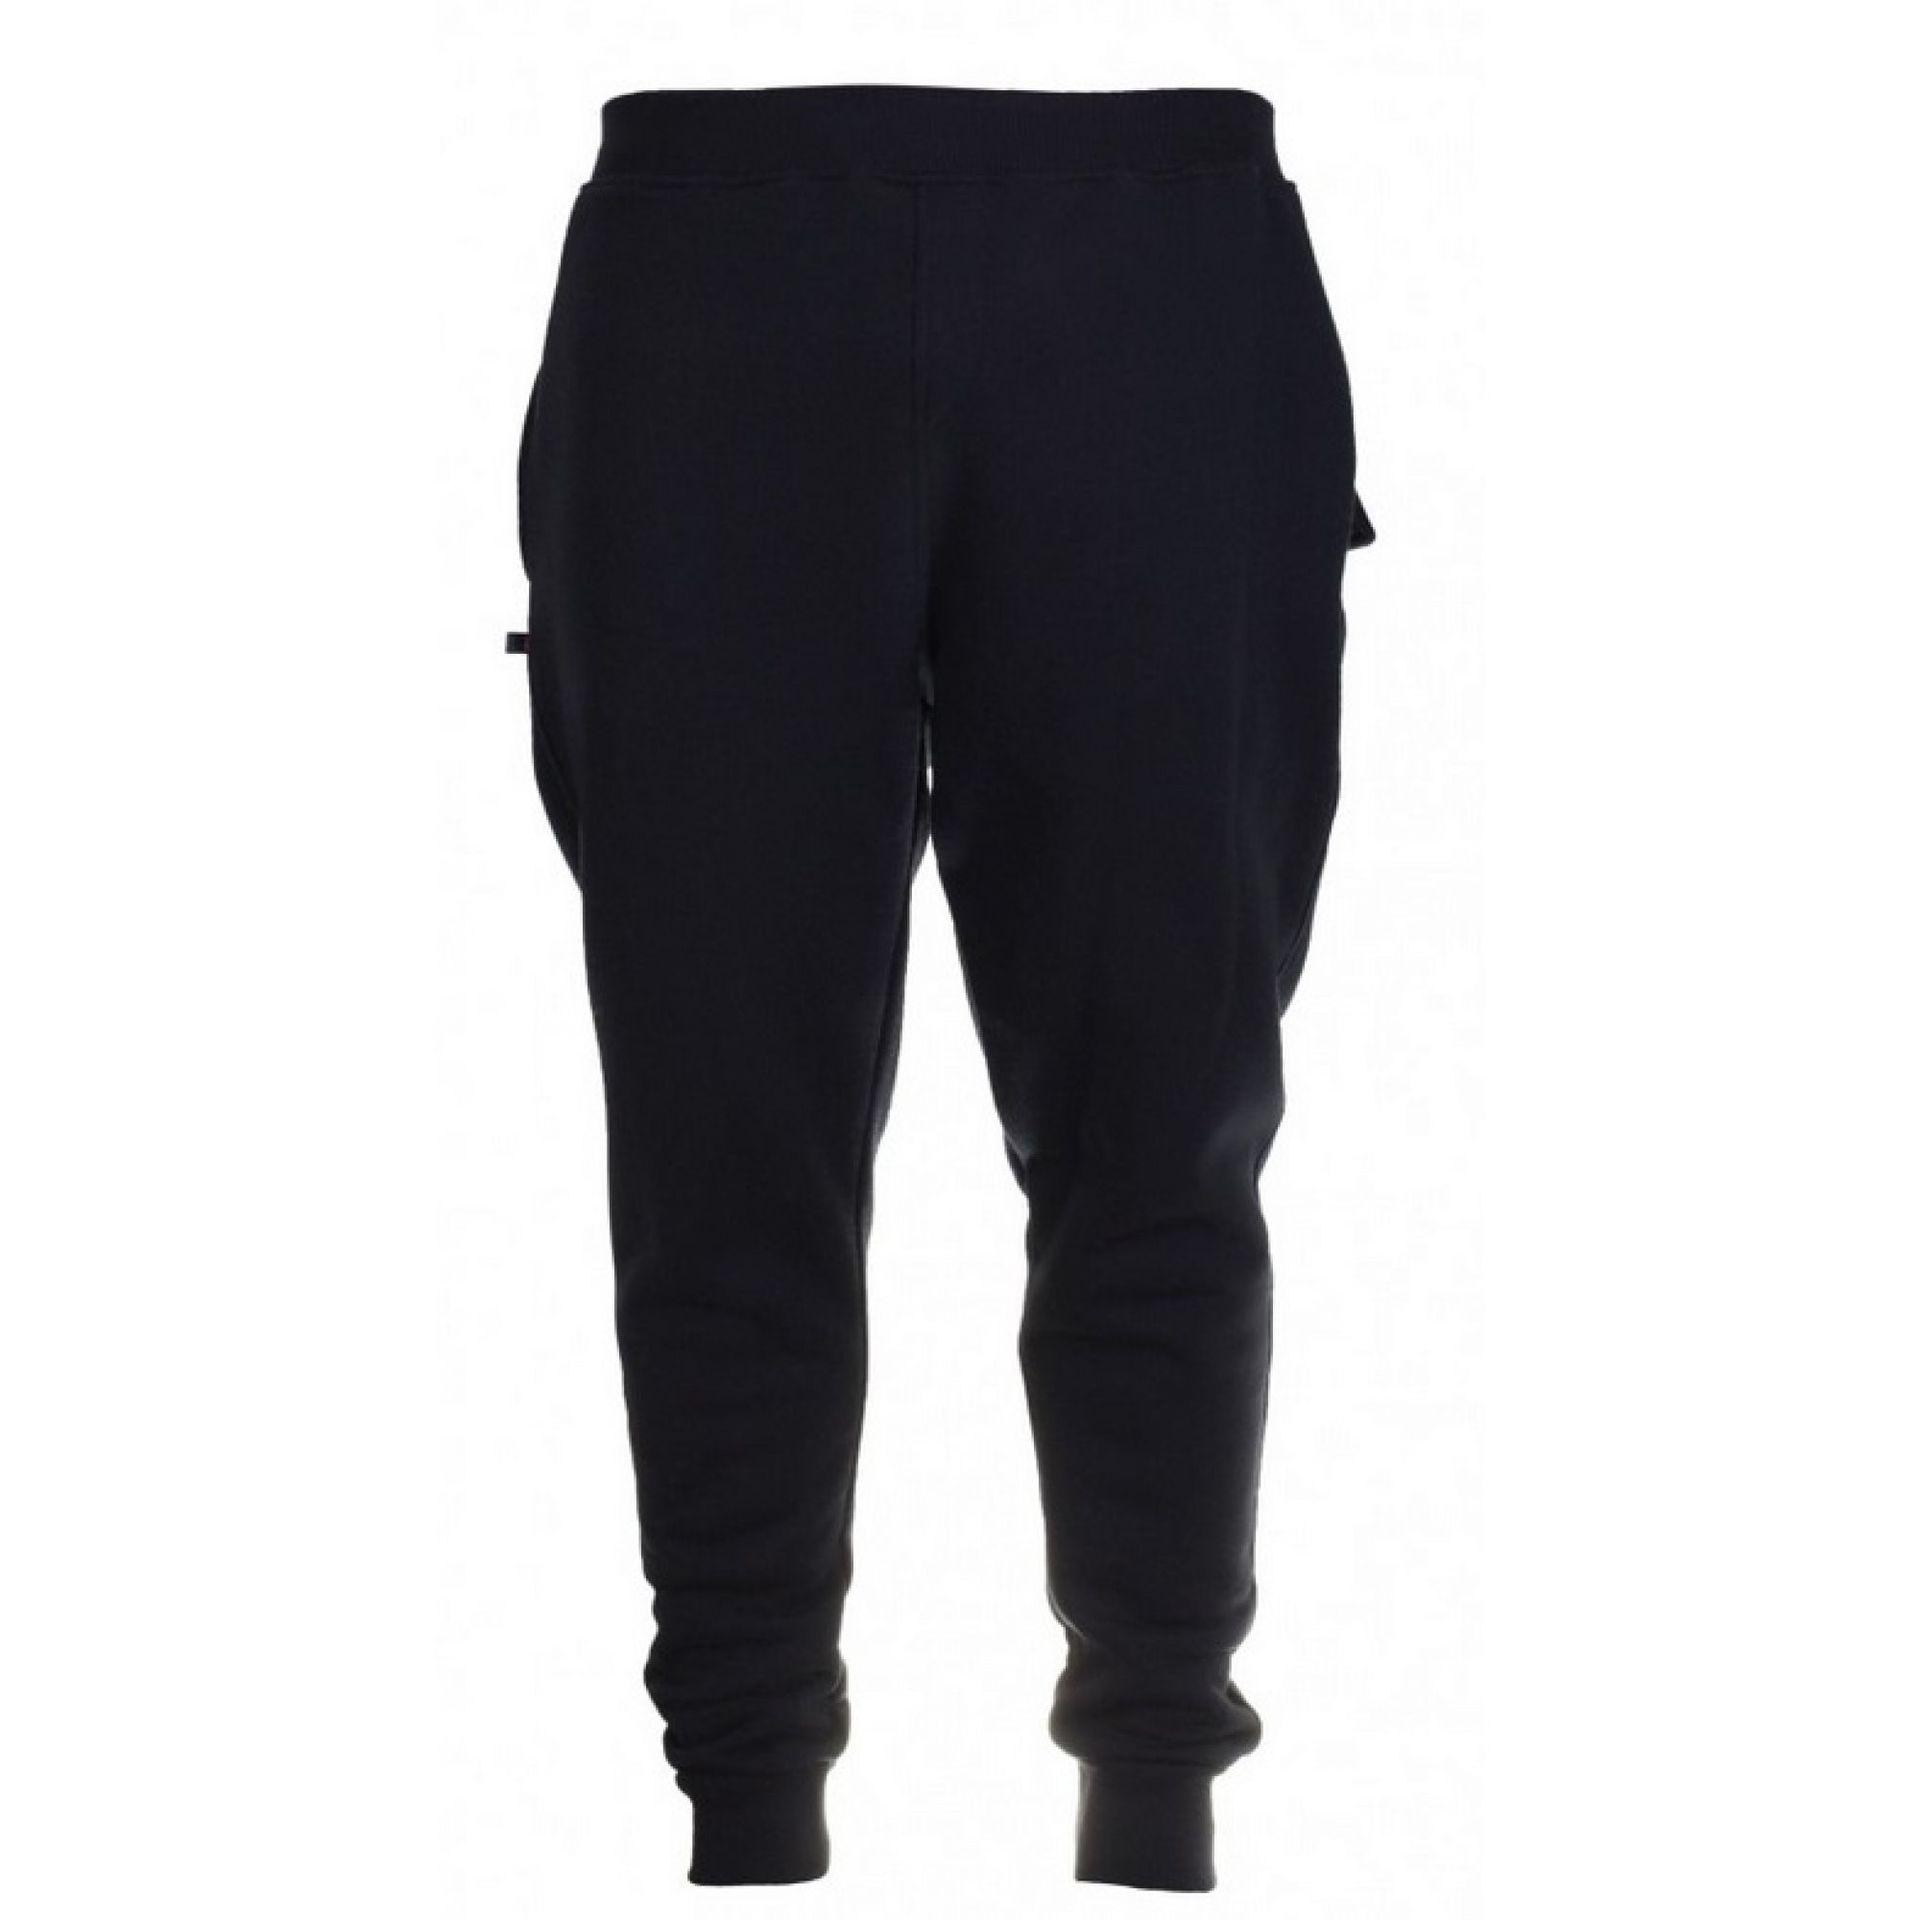 Spodnie Pickpocket widok z przodu